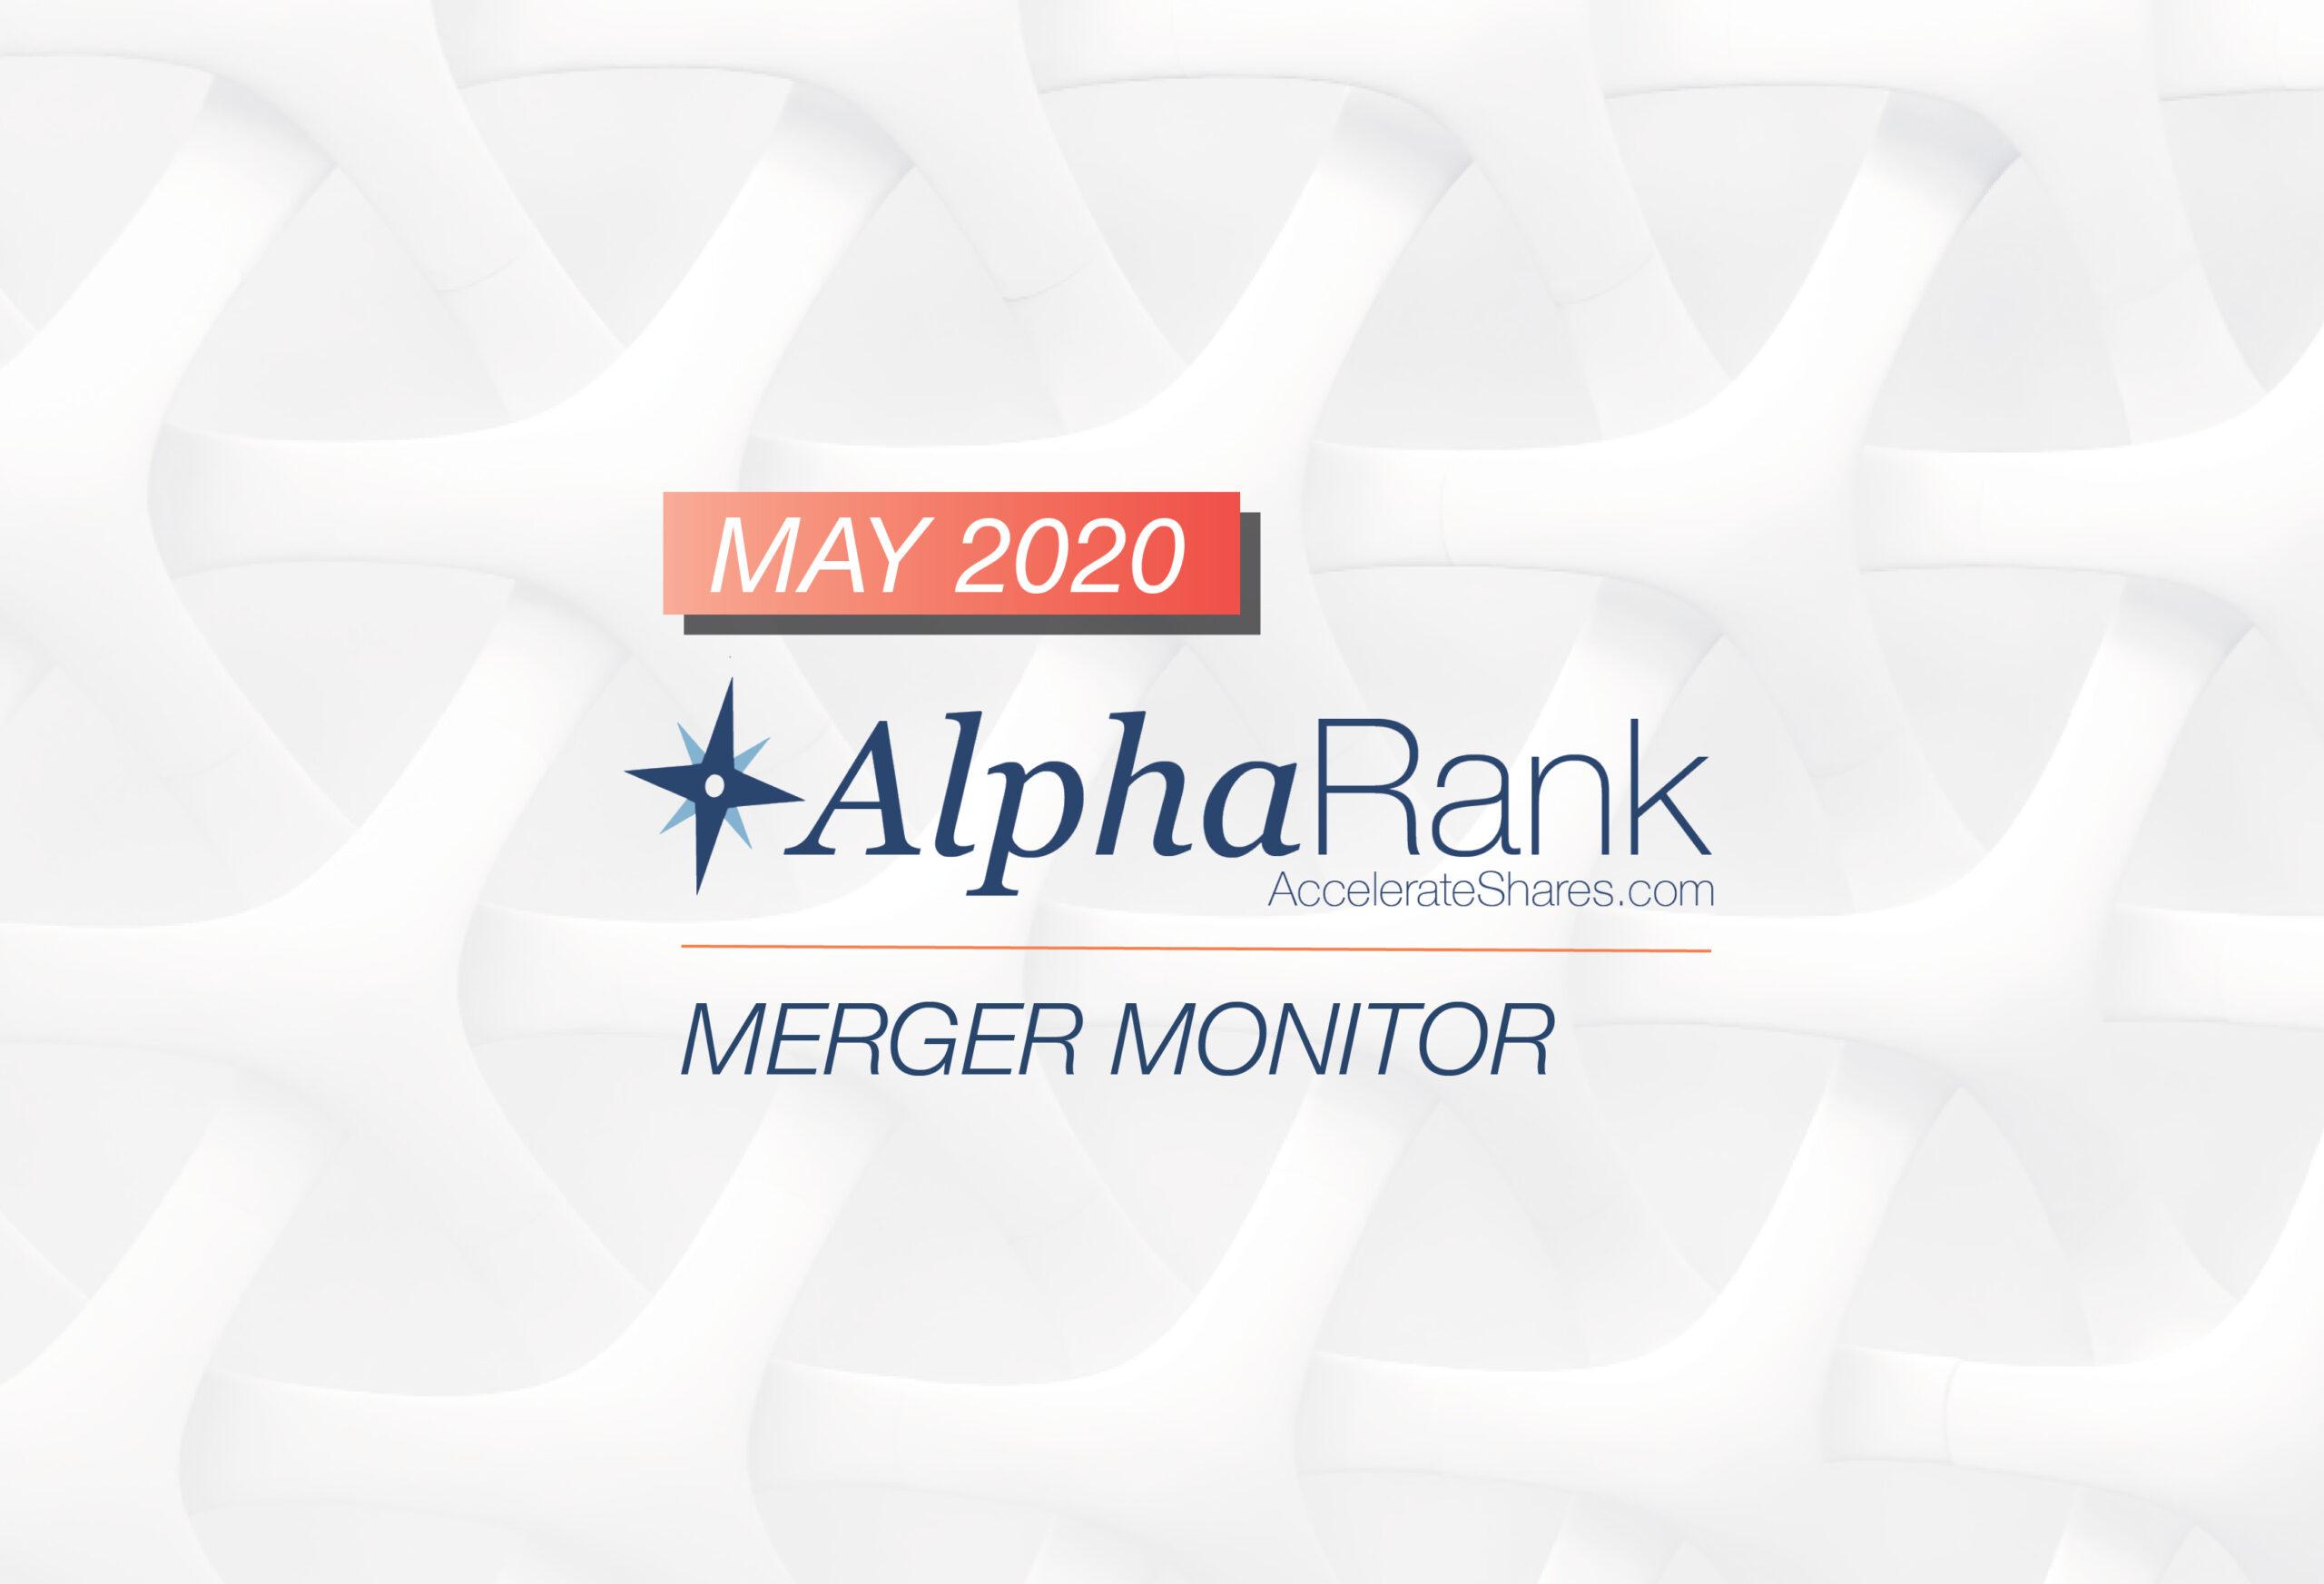 AlphaRank Merger Monitor – May 2020